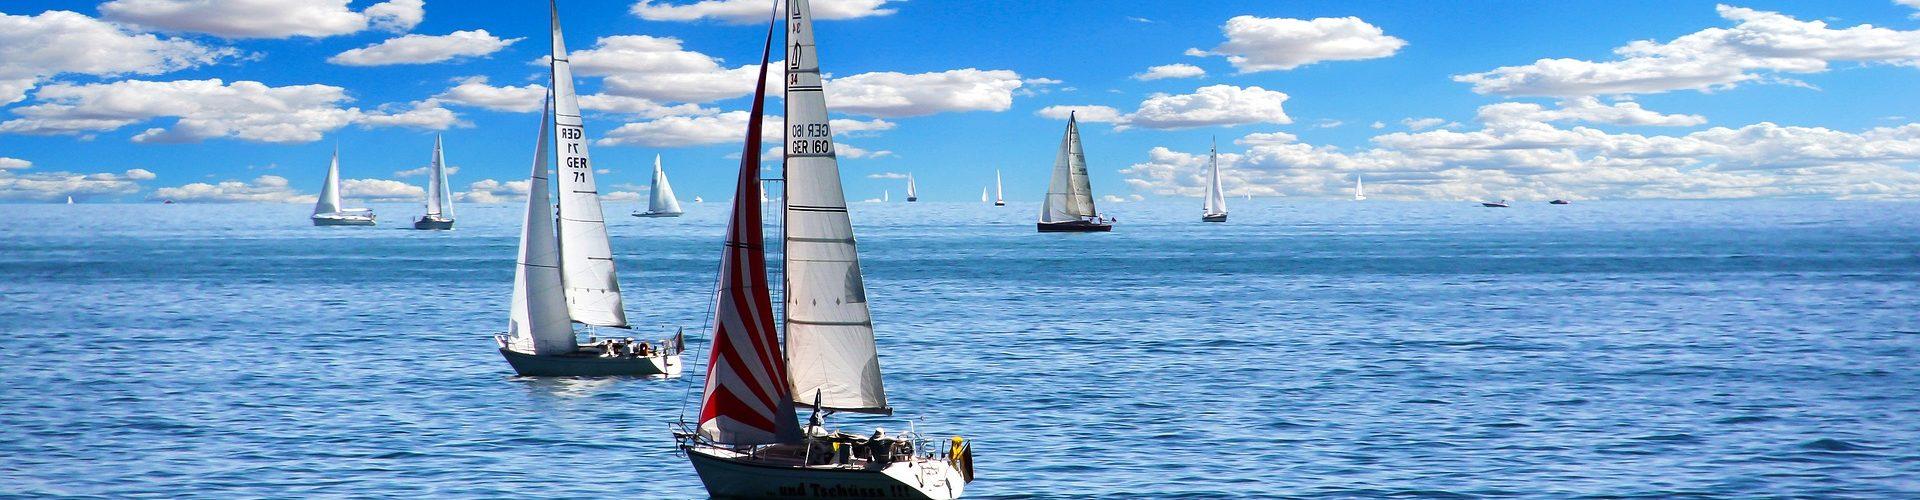 segeln lernen in Teltow segelschein machen in Teltow 1920x500 - Segeln lernen in Teltow